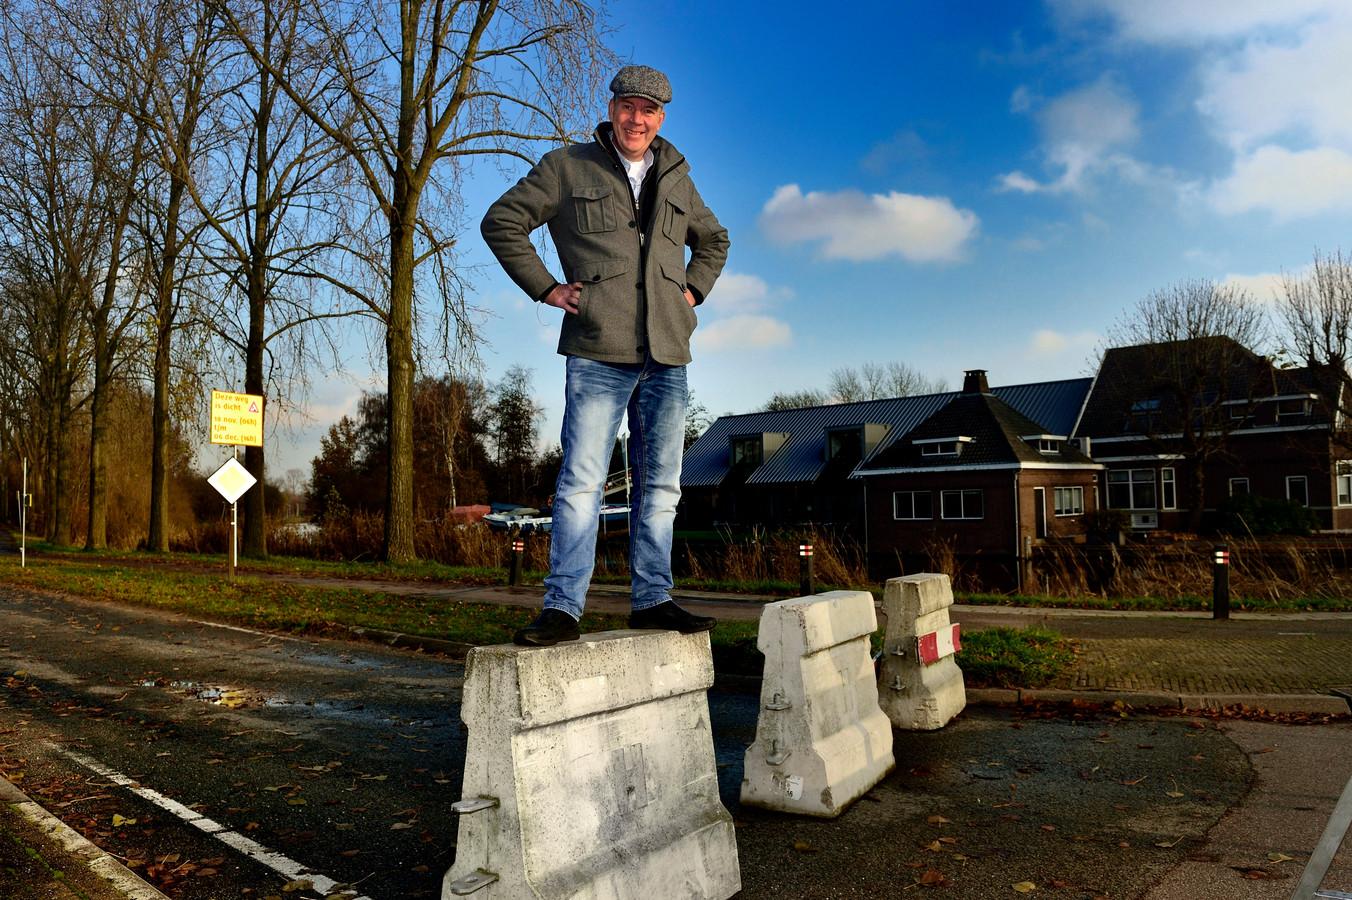 Marco de Haas is het wachten op een restaurant aan de Elfhoevenplas zat en start daarom zelf een tijdelijke horecagelegenheid.